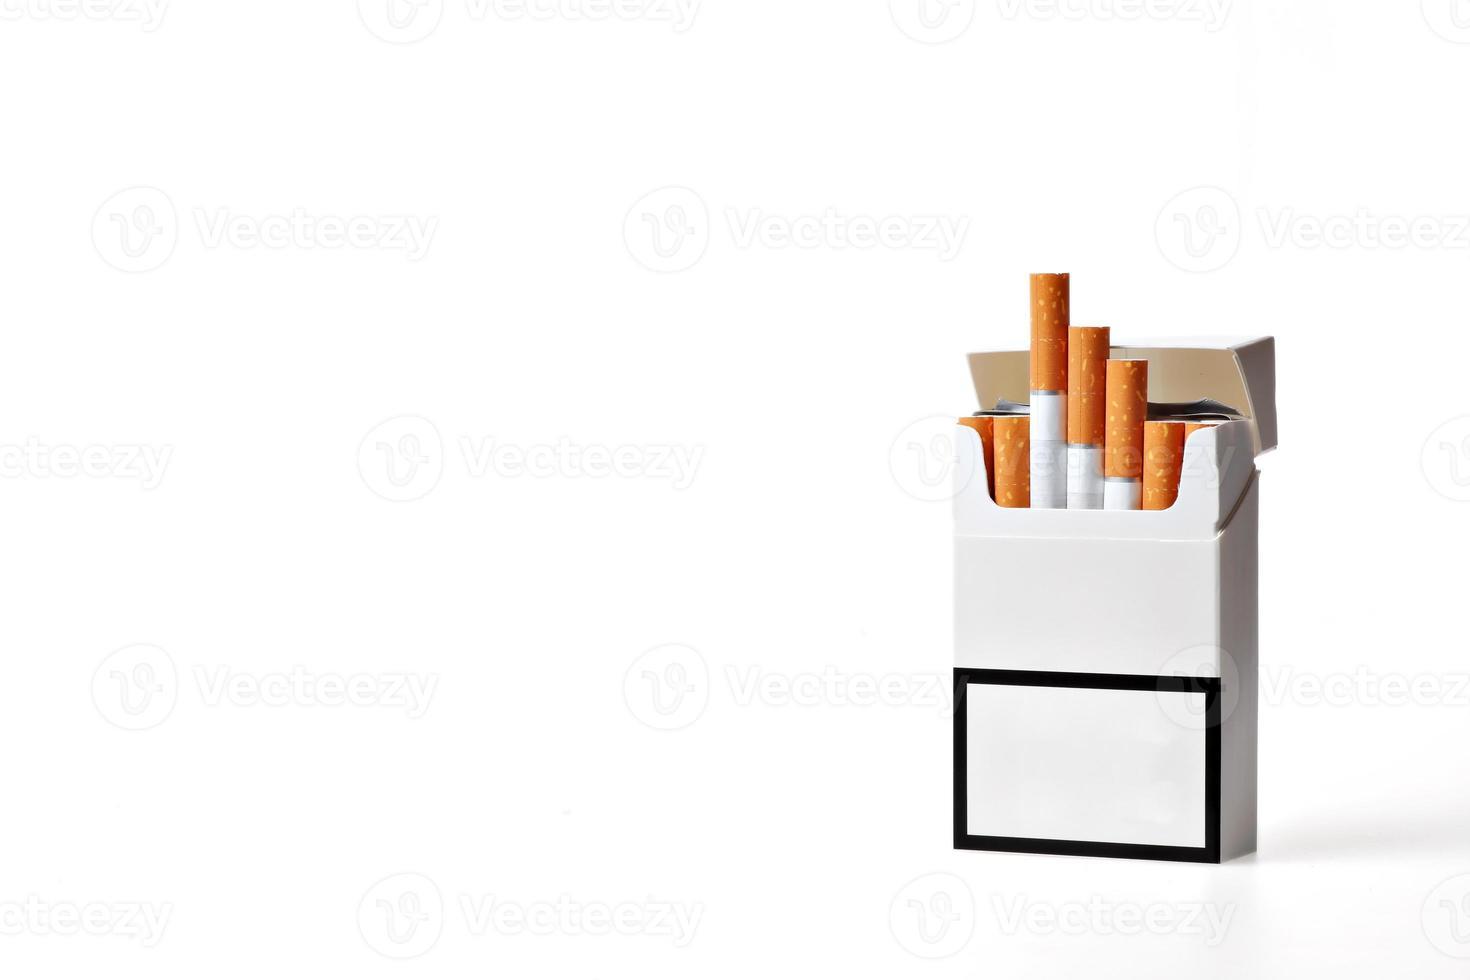 paquete de cigarrillos foto